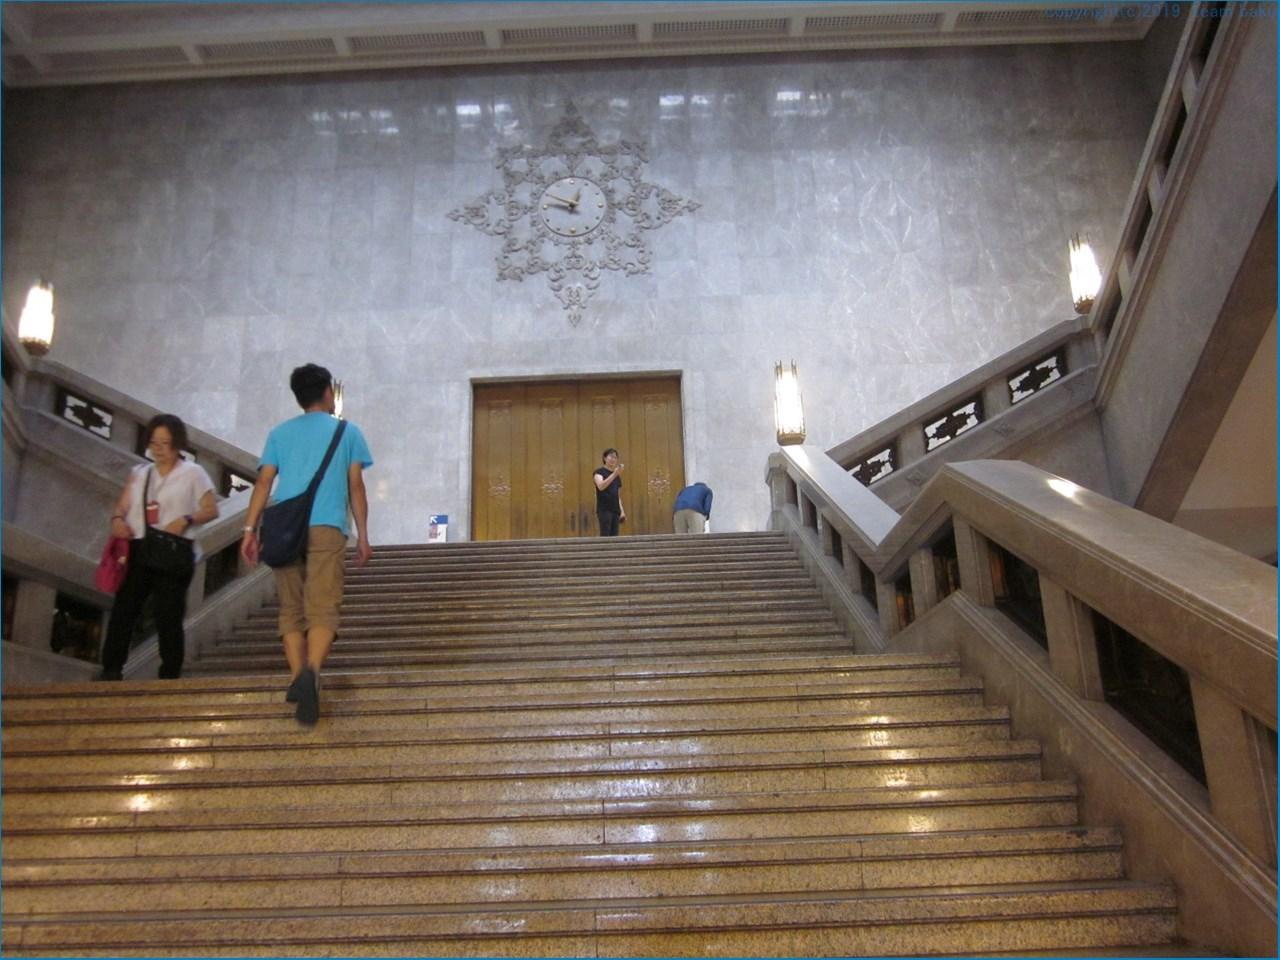 上野公園の近代建築 見学_c0376508_09383134.jpg